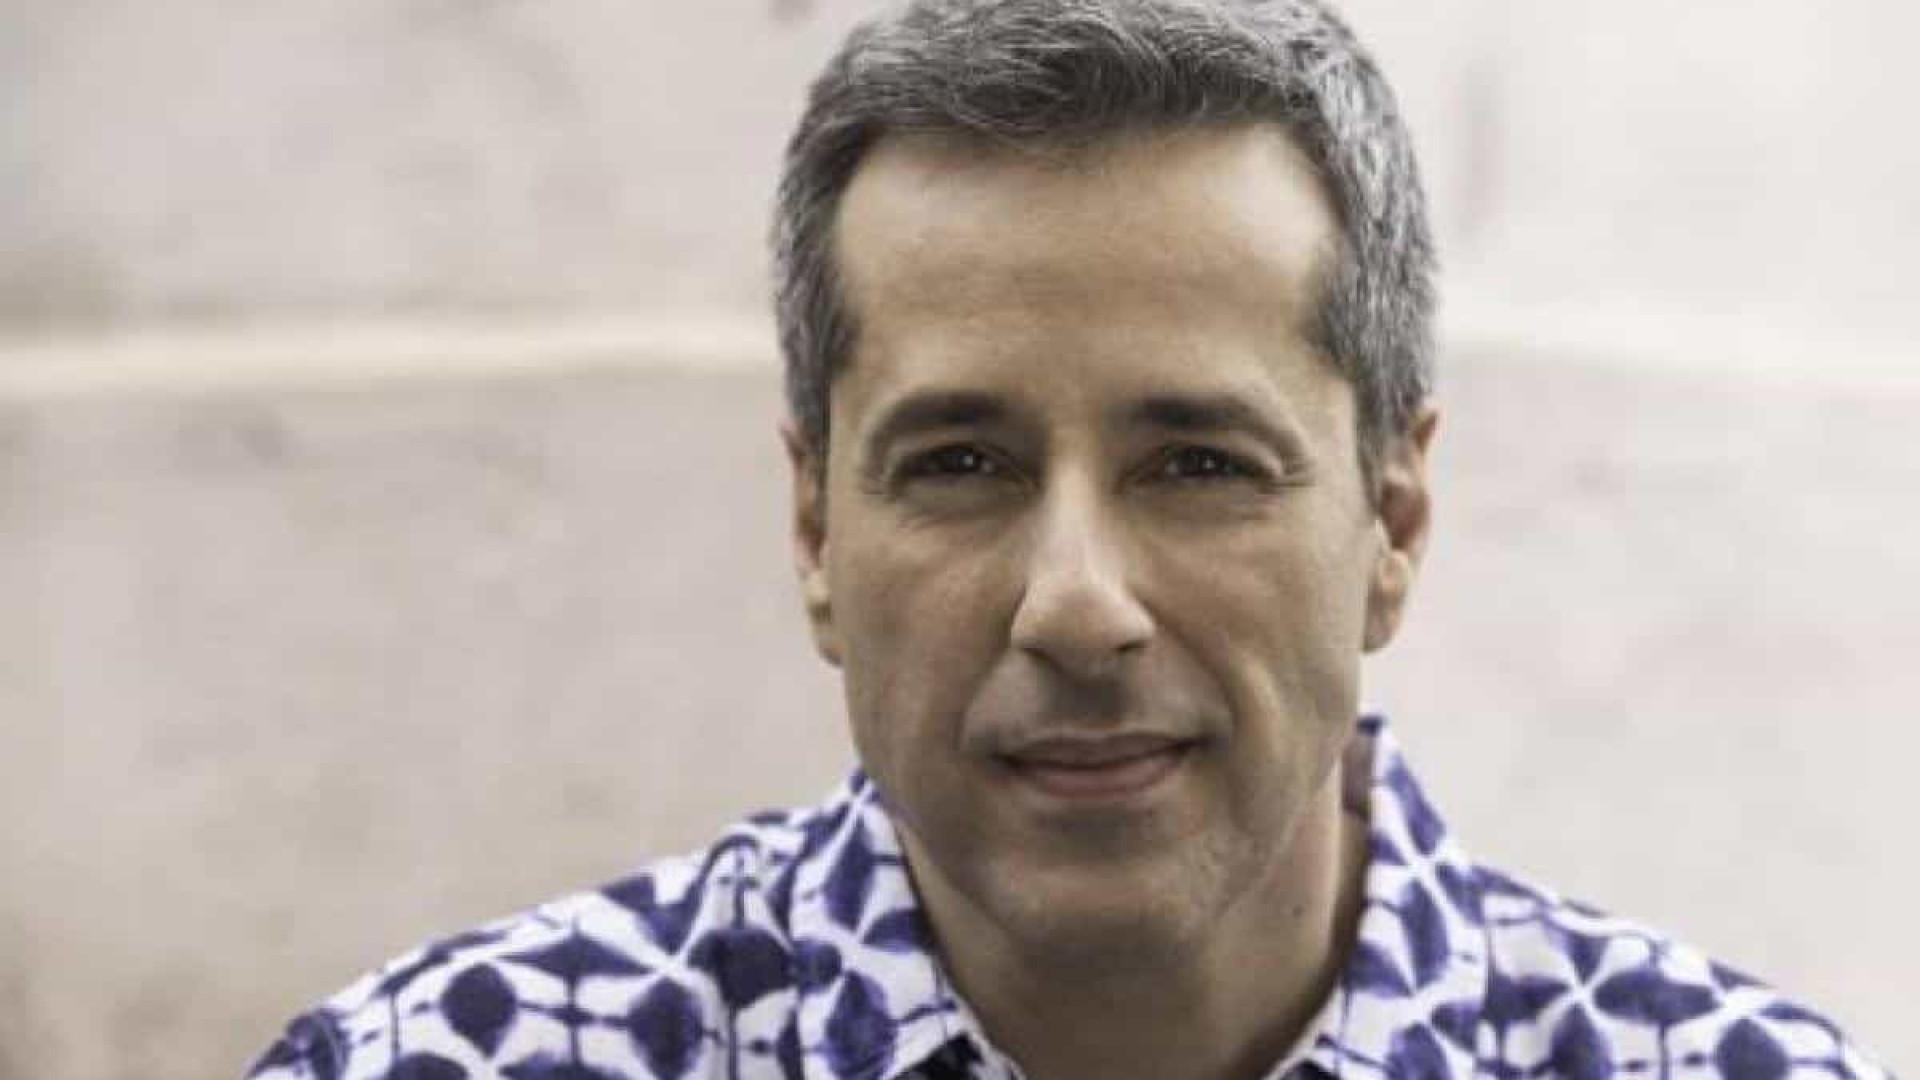 Otávio Martins, de 'Poliana', se desculpa com fã após grosseria